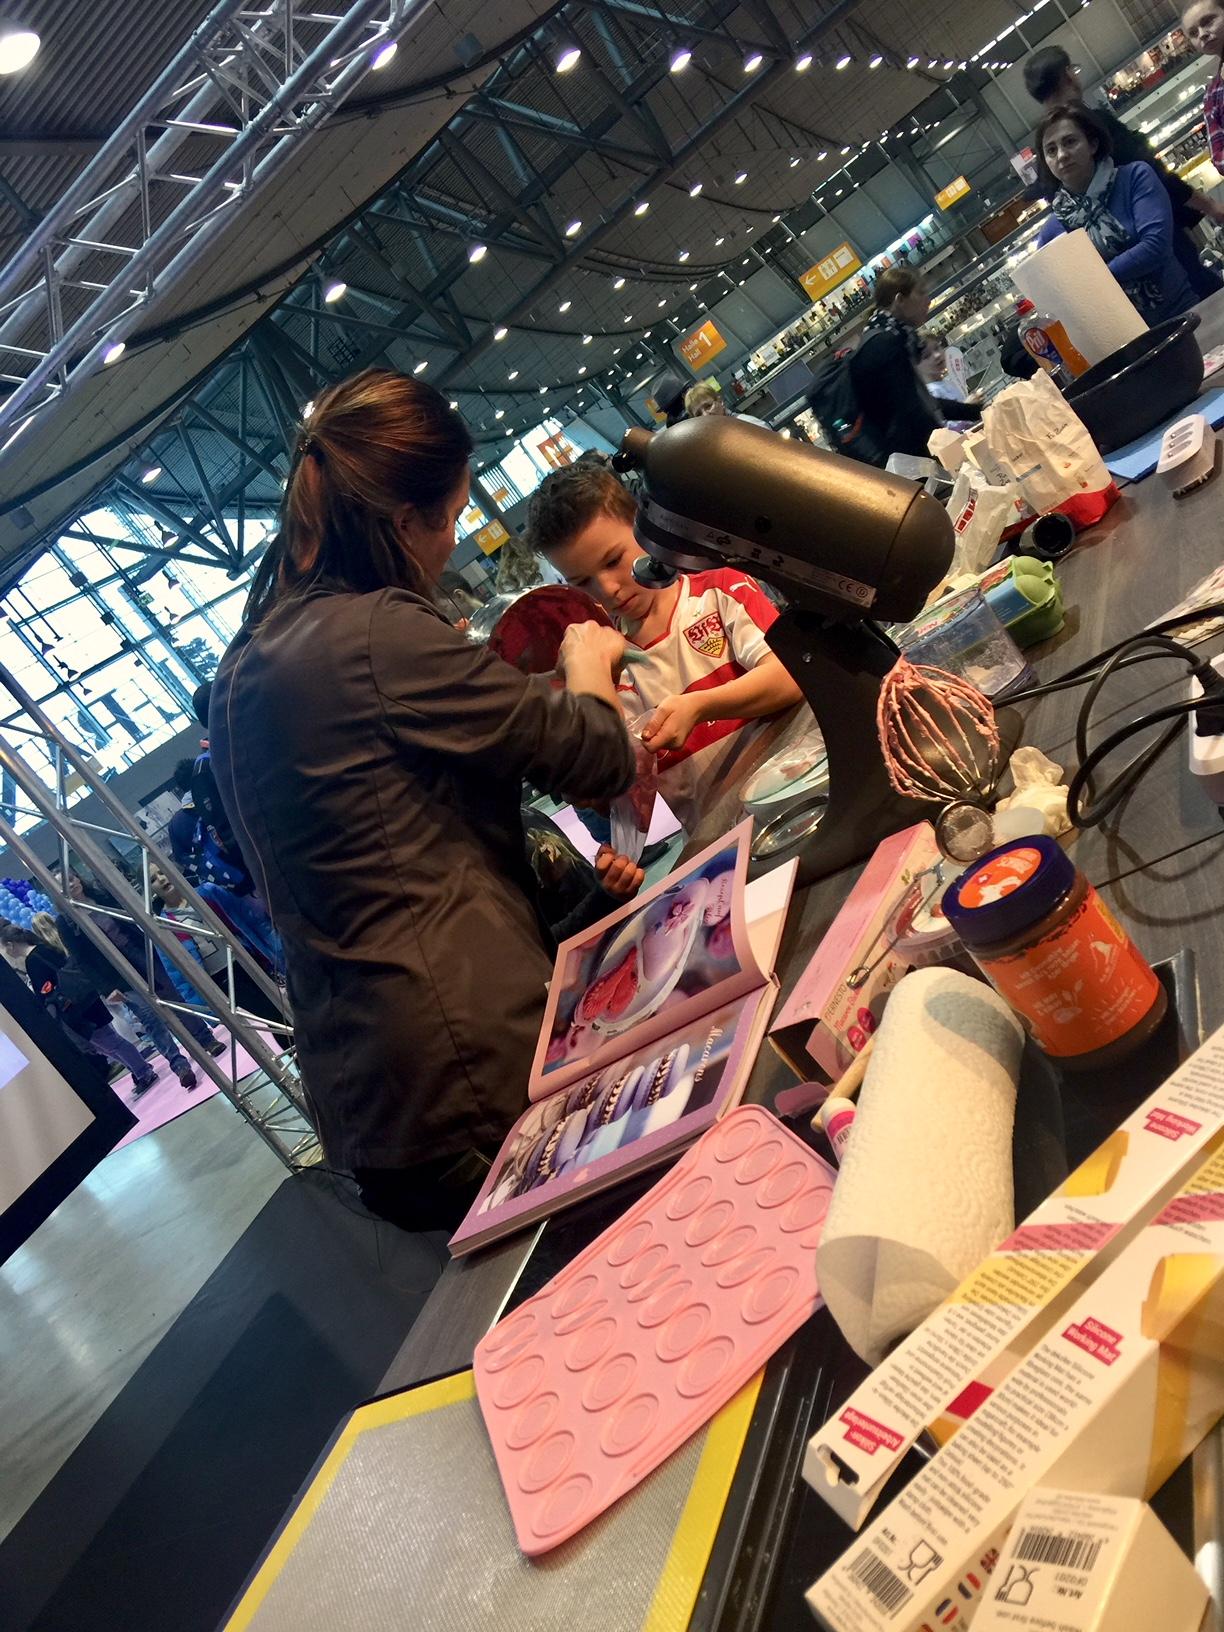 Messe Stuttgart Kreativ 2017